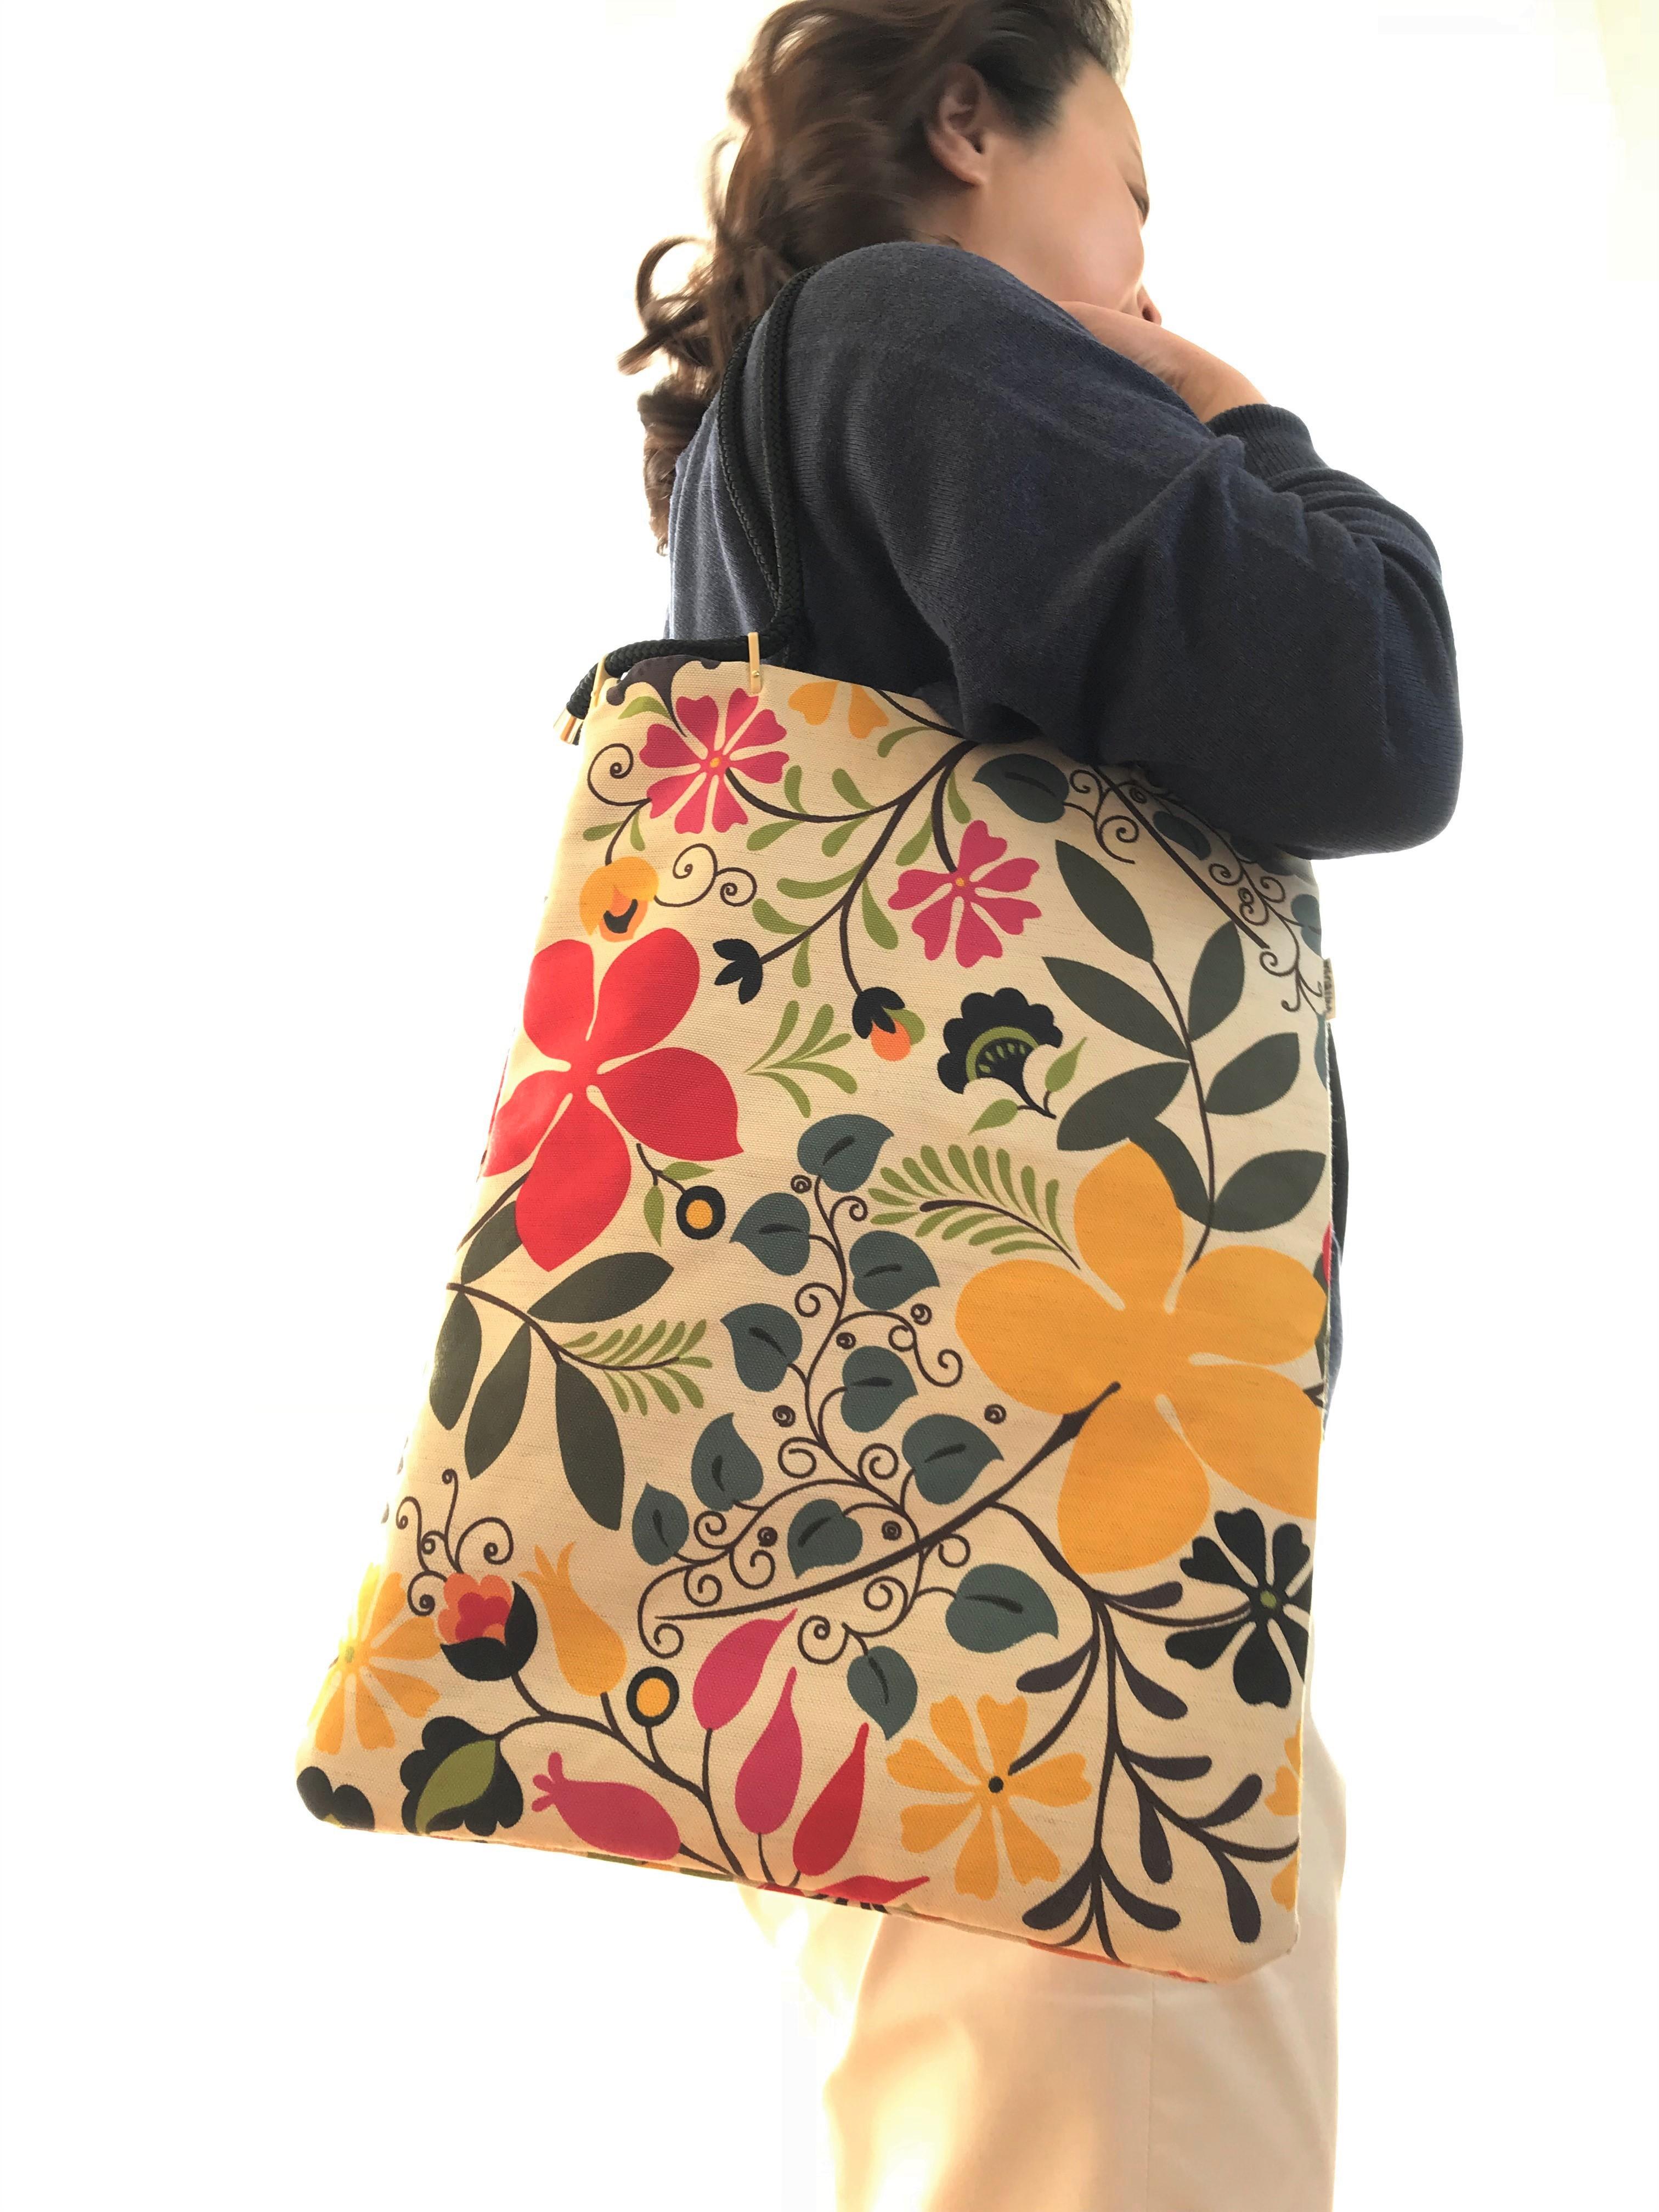 ミナレス合切袋「ドッチモ」